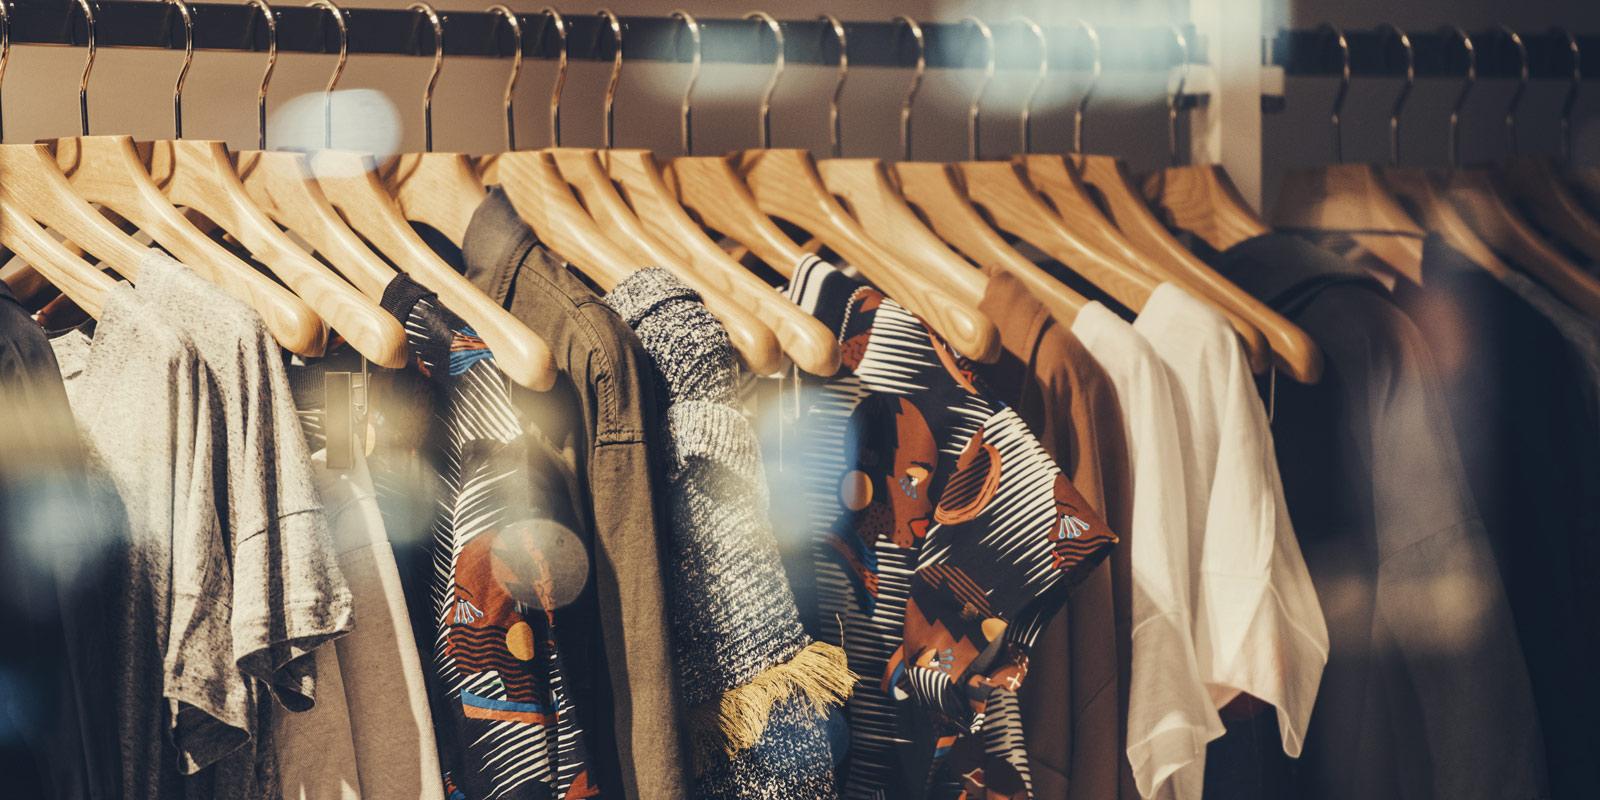 ᐅ die besten shopping outlets in new york: wo lohnt es sich